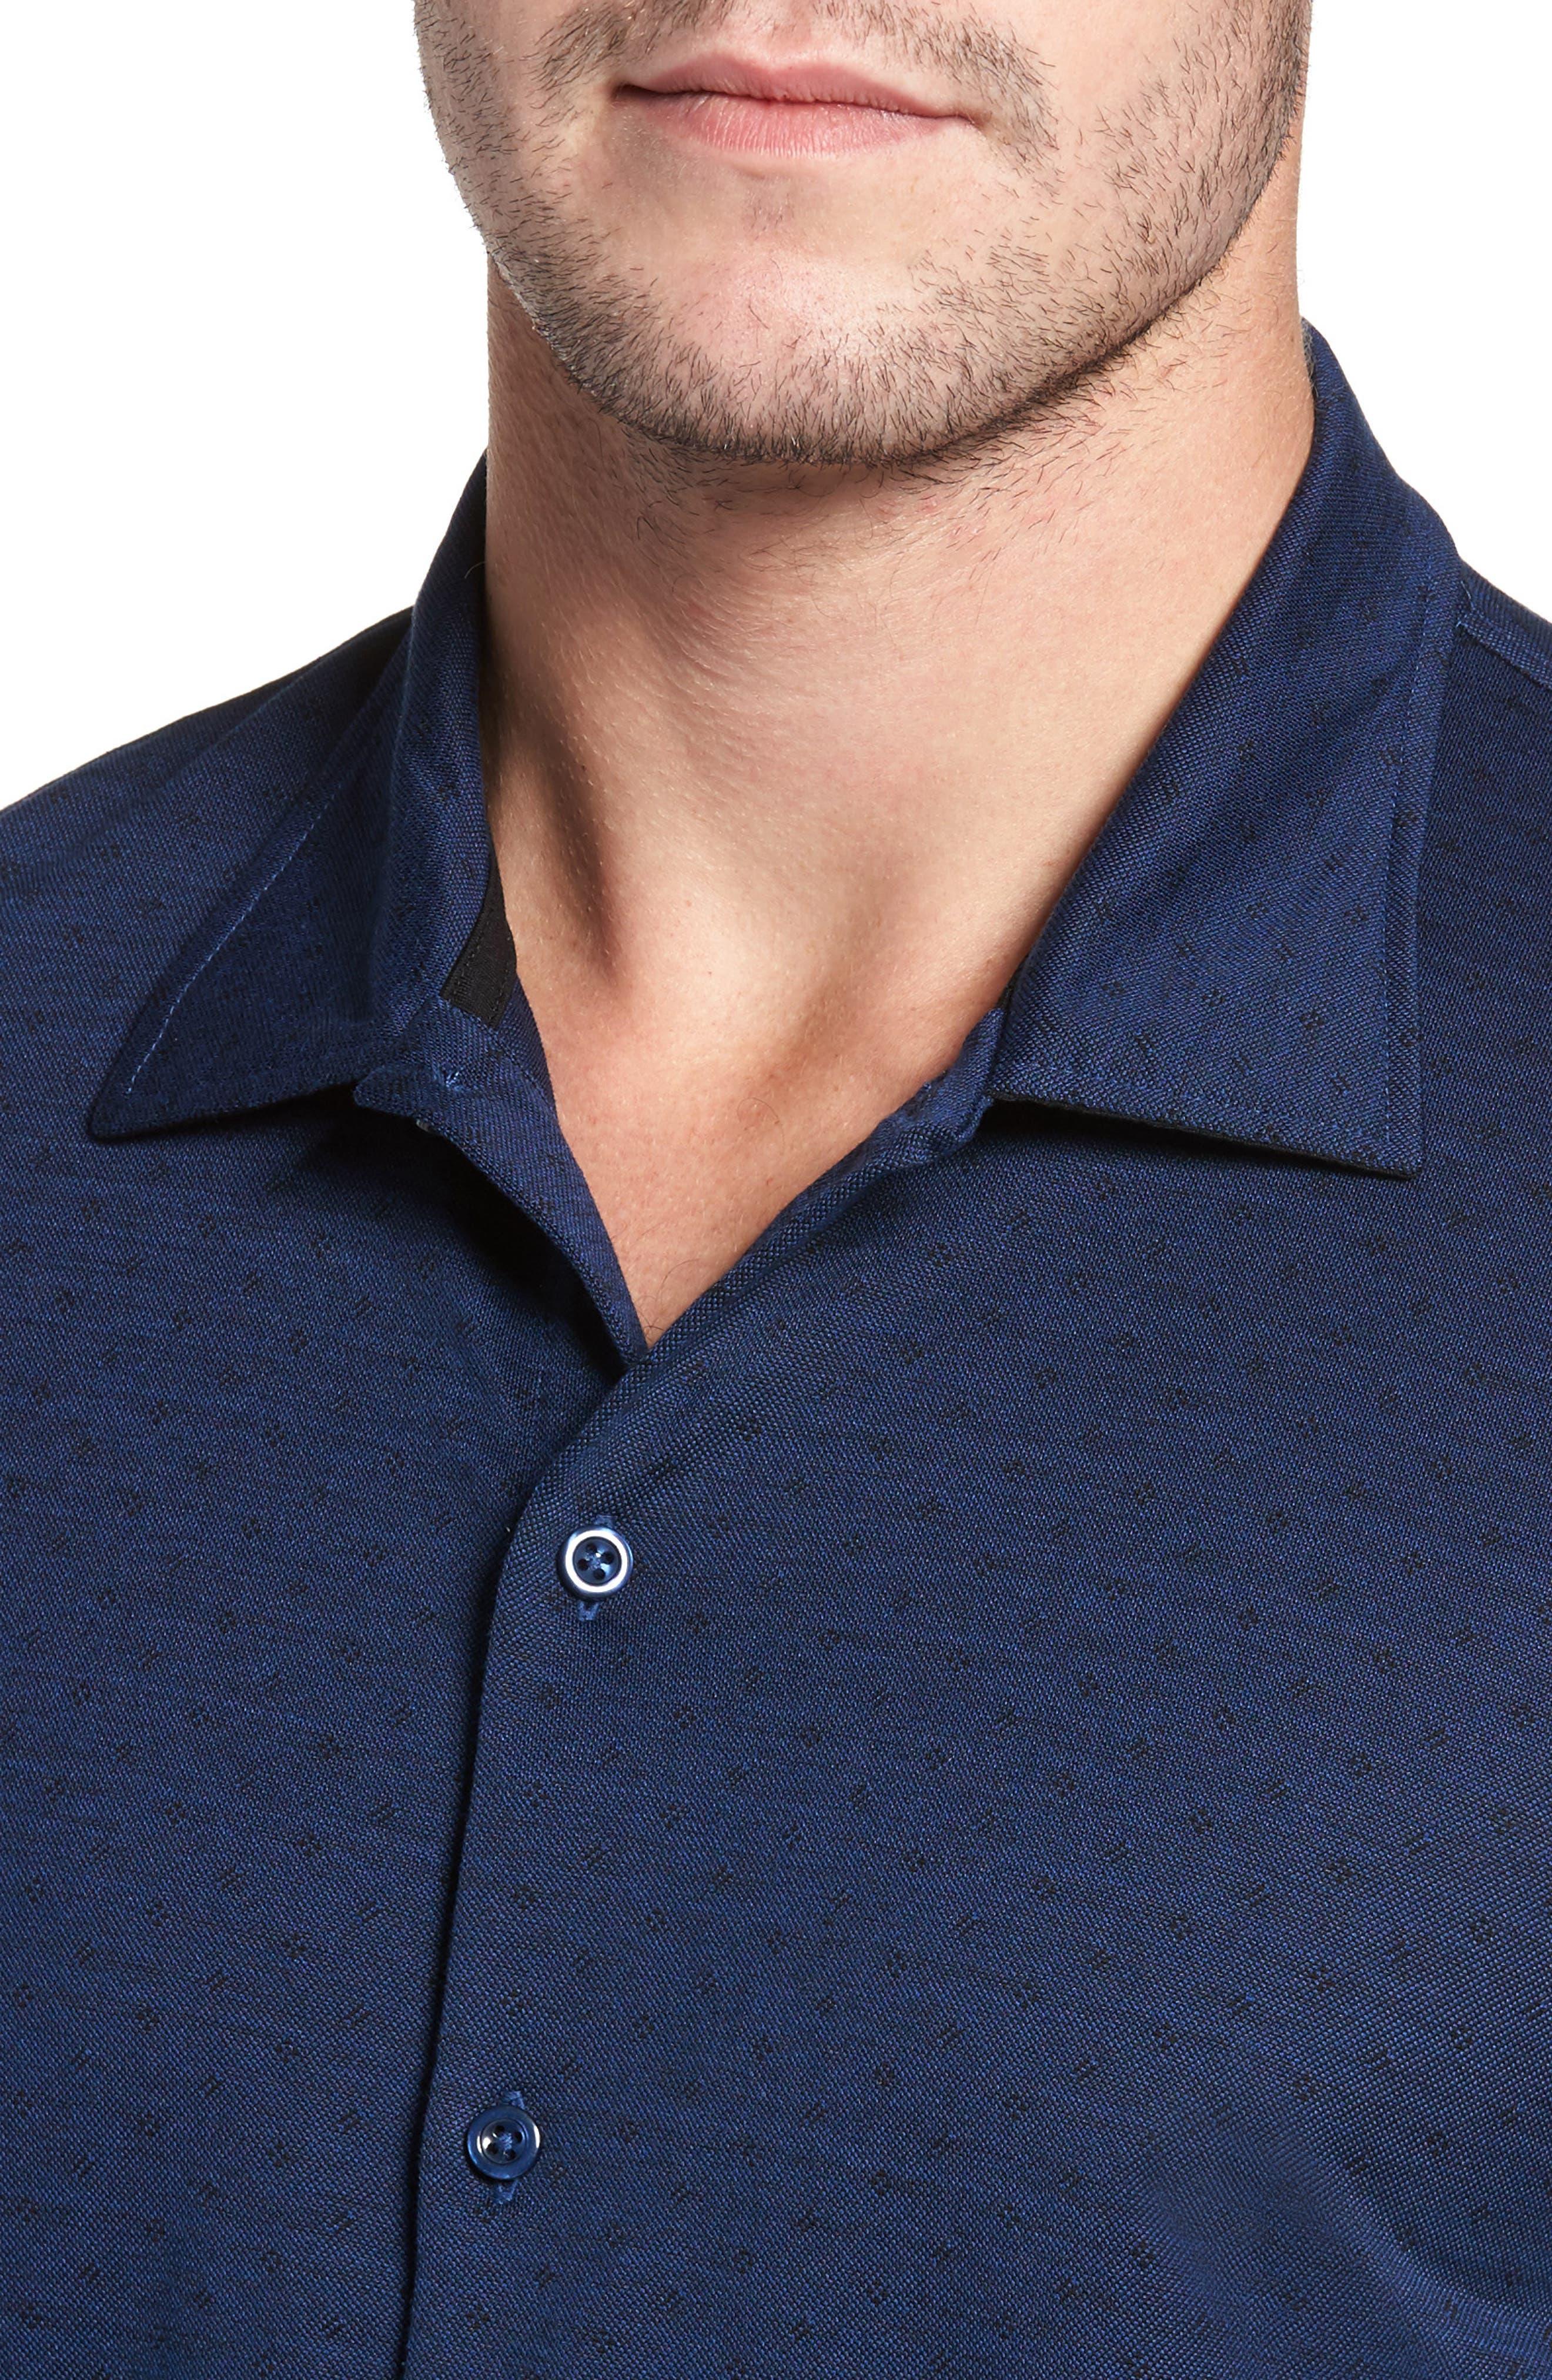 Jacquard Knit Sport Shirt,                             Alternate thumbnail 15, color,